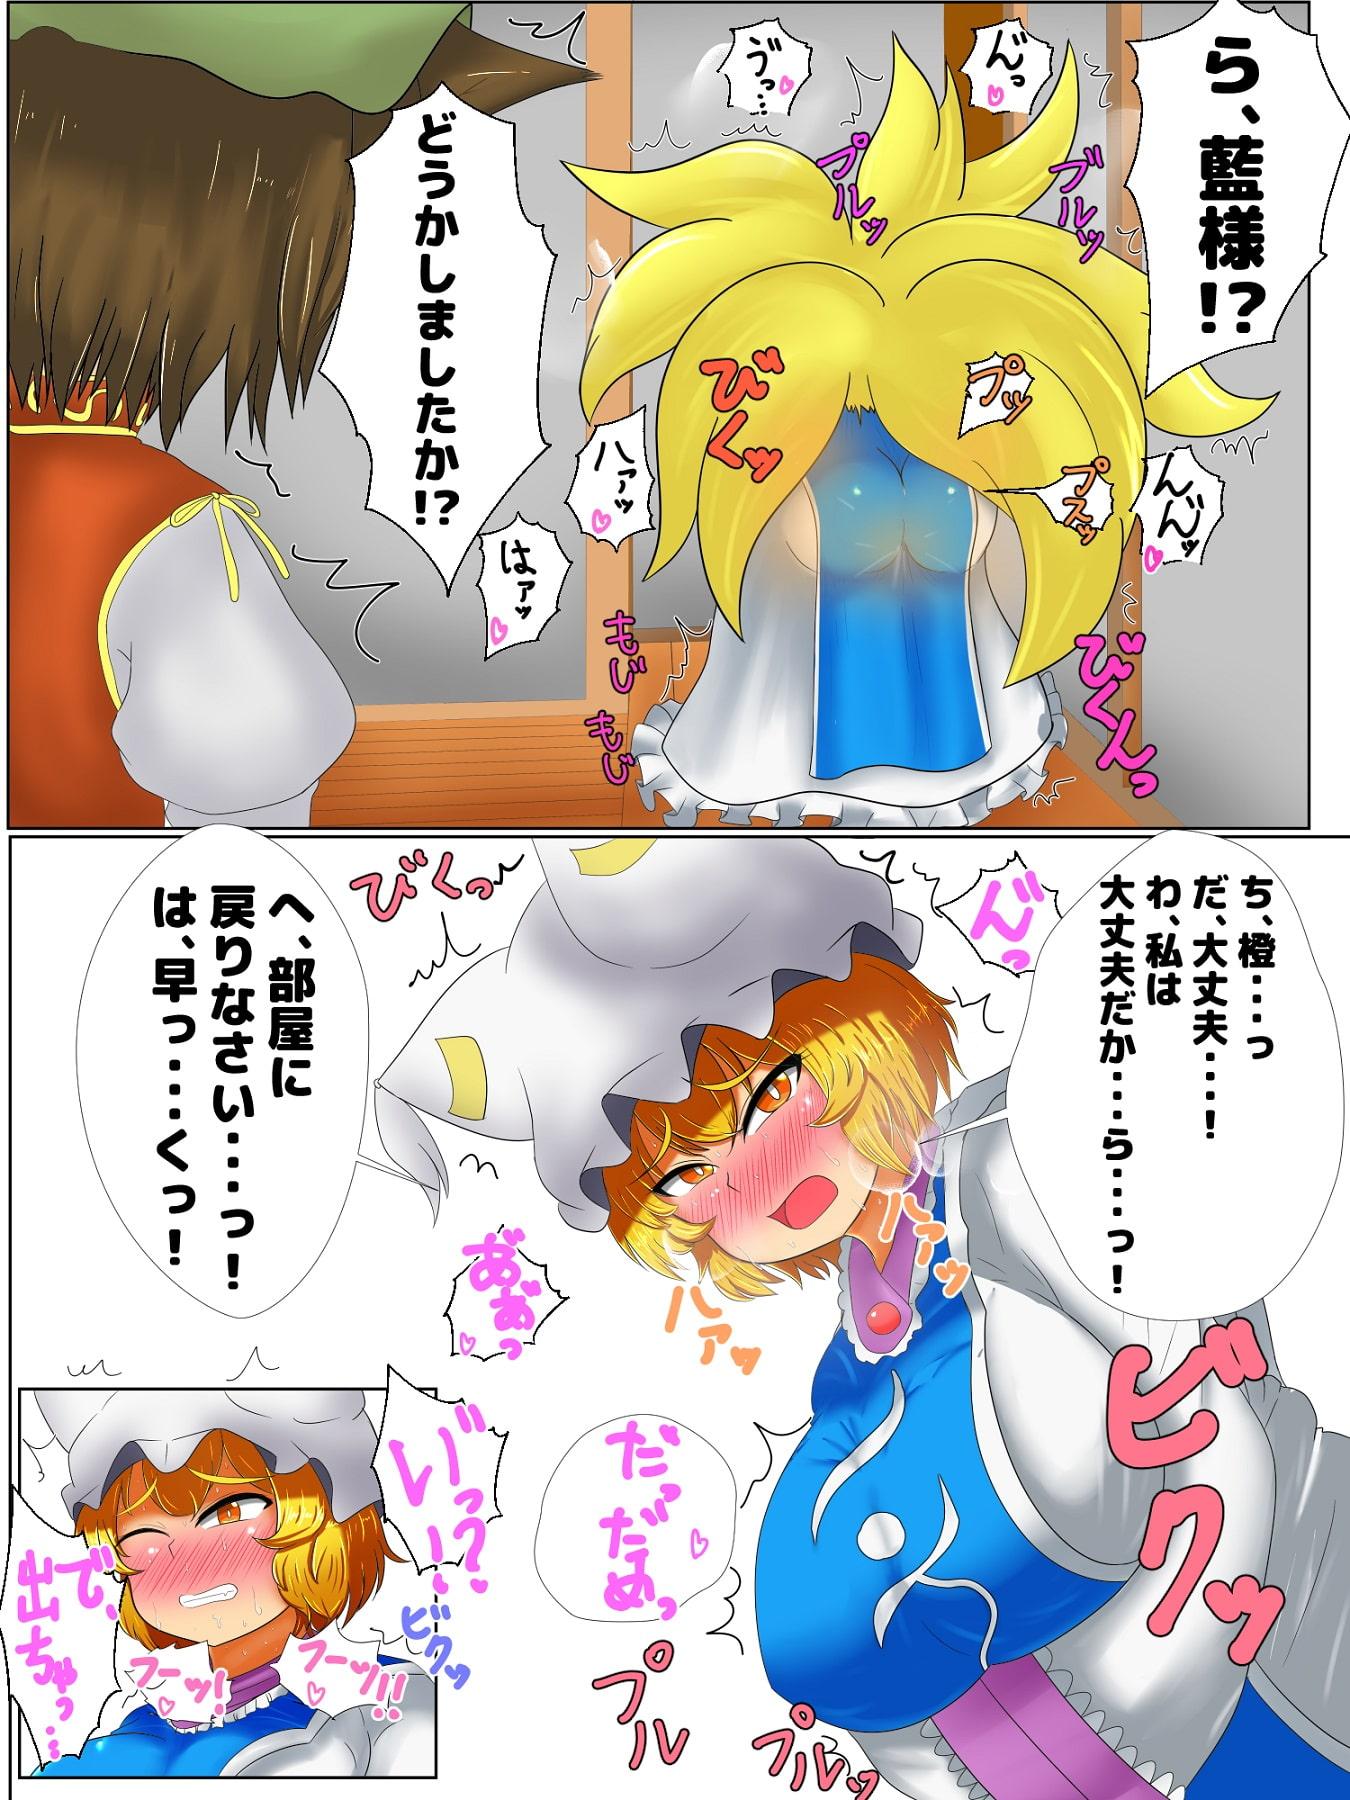 藍様が腹痛を起こして大便お漏らしするだけの漫画